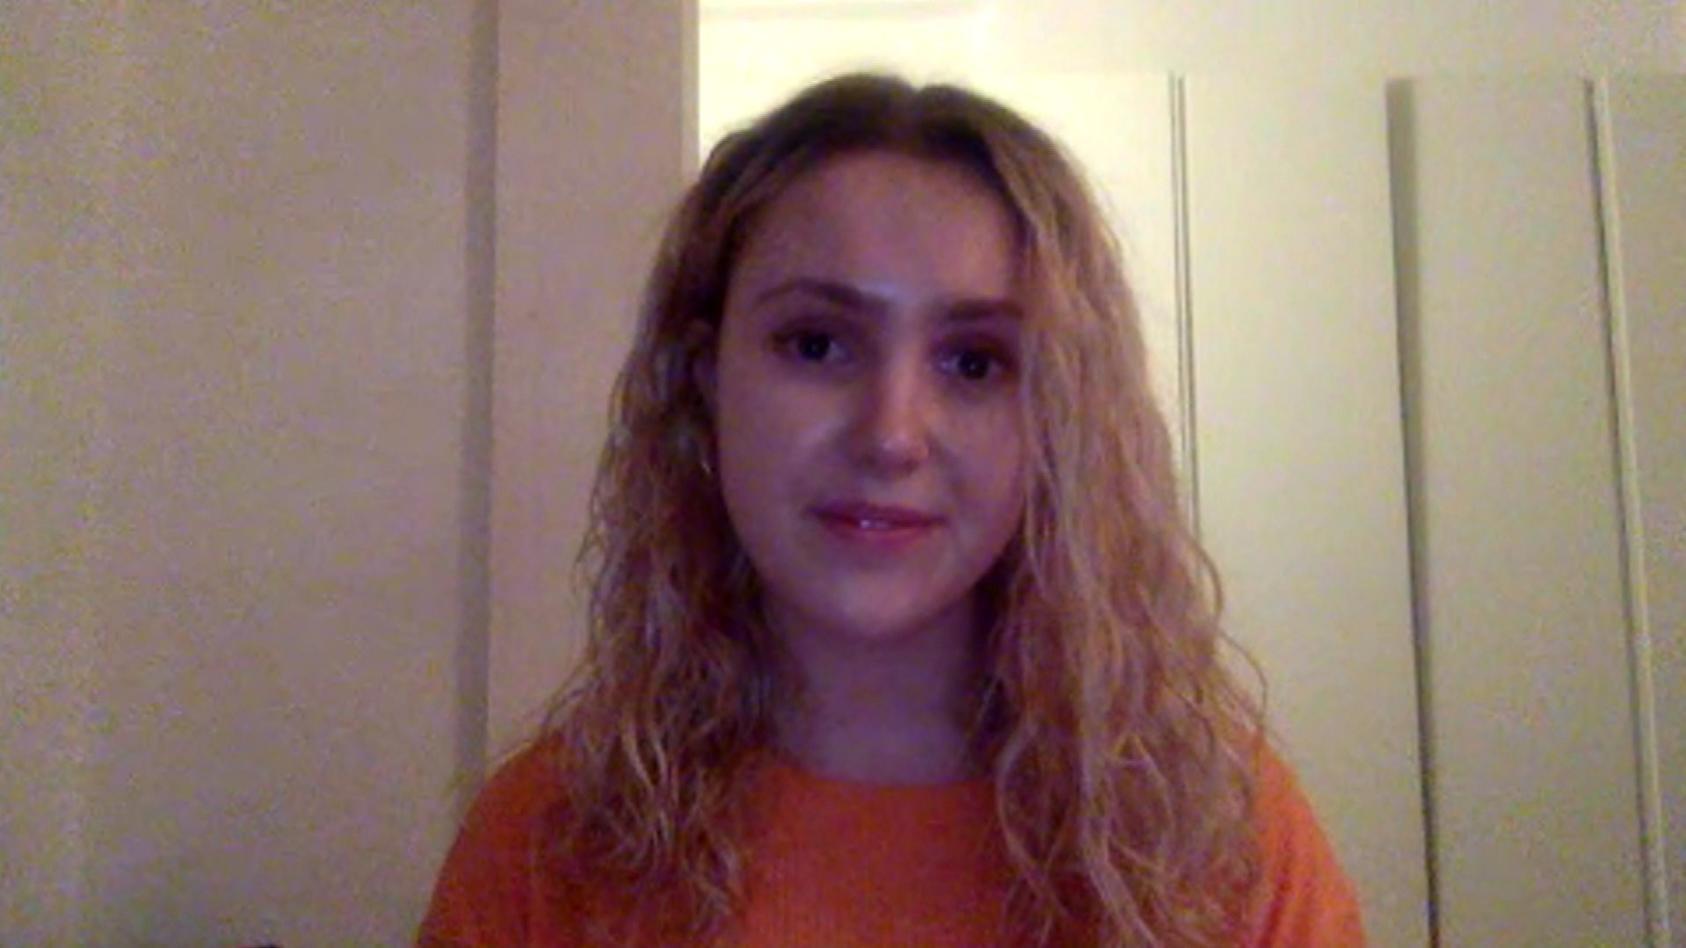 Online-Journalistin Greta Linde spricht über die vergessene Generation in der Corona-Pandemie: Die jungen Erwachsenen